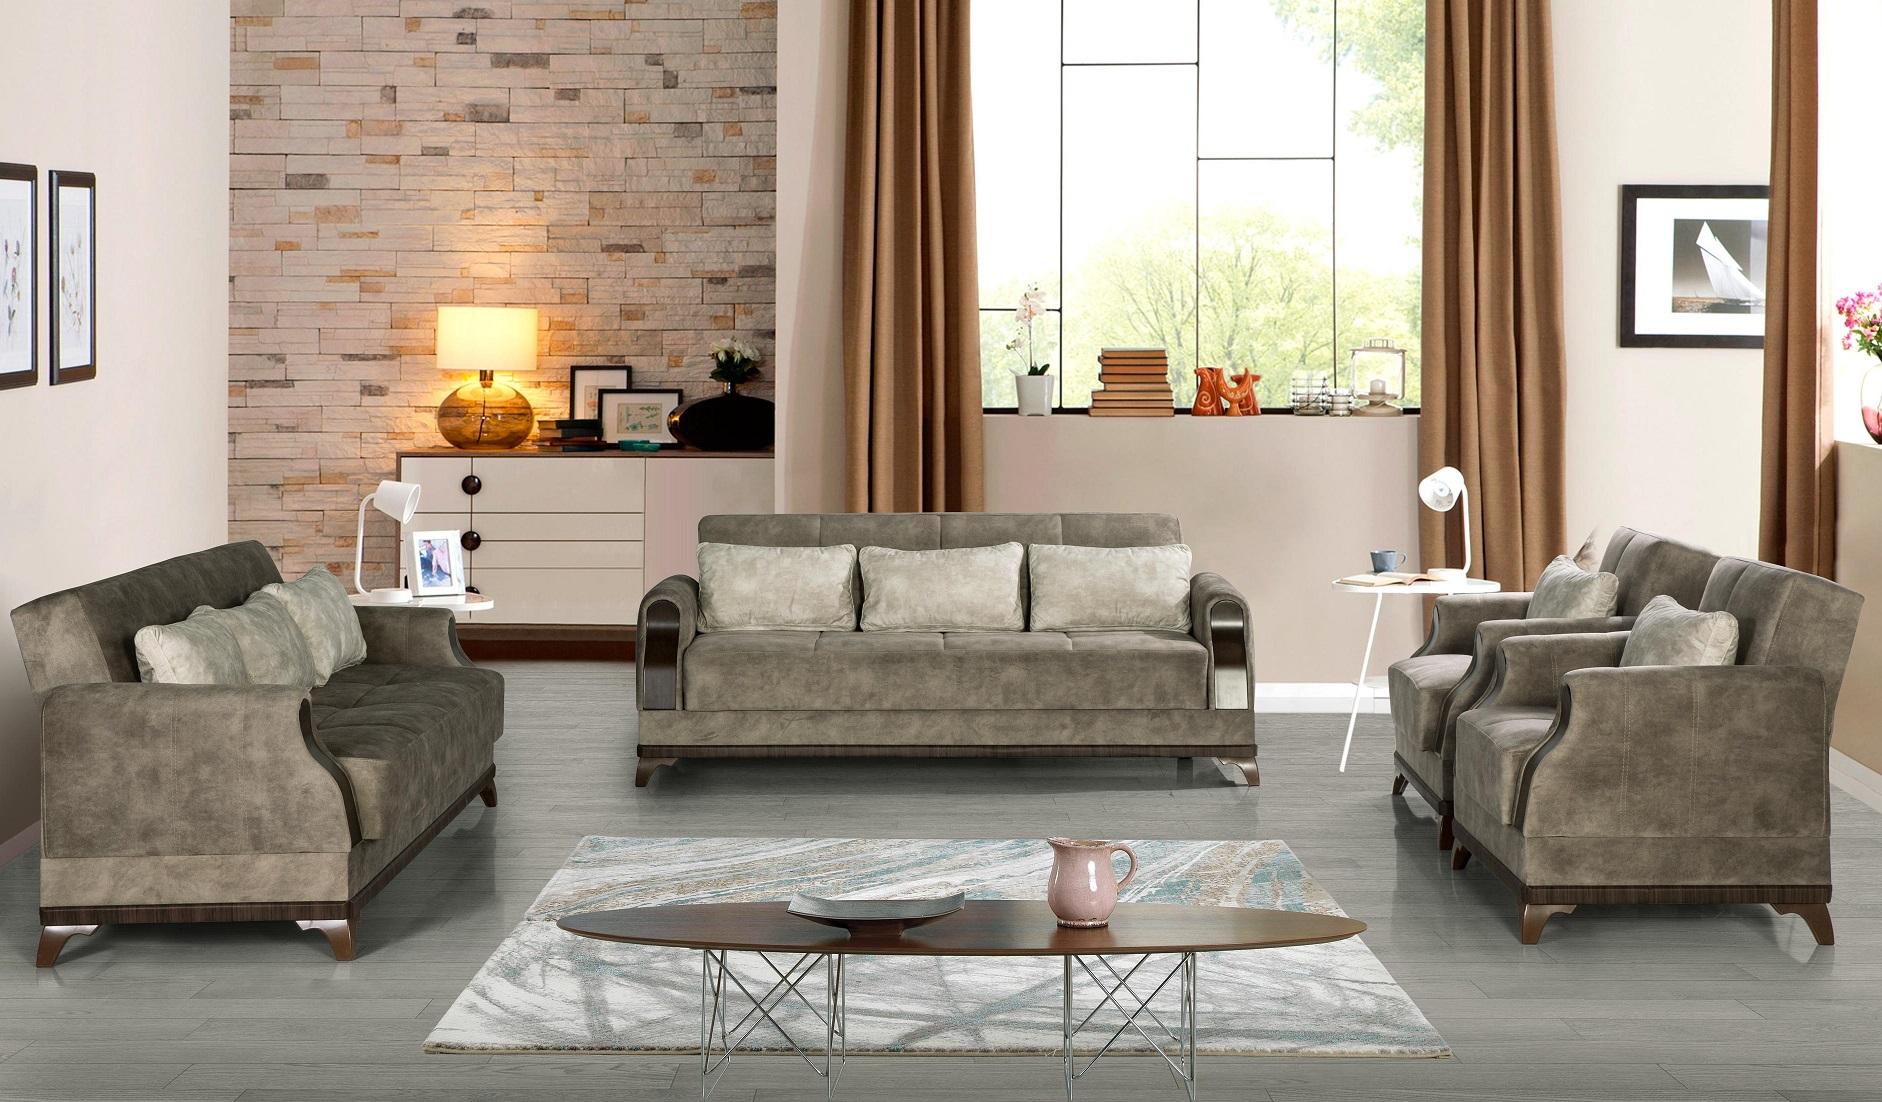 Full Size of Couchgarnitur Leder Kaufen Sofa Garnitur 3 Teilig Poco Echtleder Moderne Garnituren Ikea Hersteller Kissen Schillig Mondo Ligne Roset Xora Baxter Kinderzimmer Sofa Sofa Garnitur